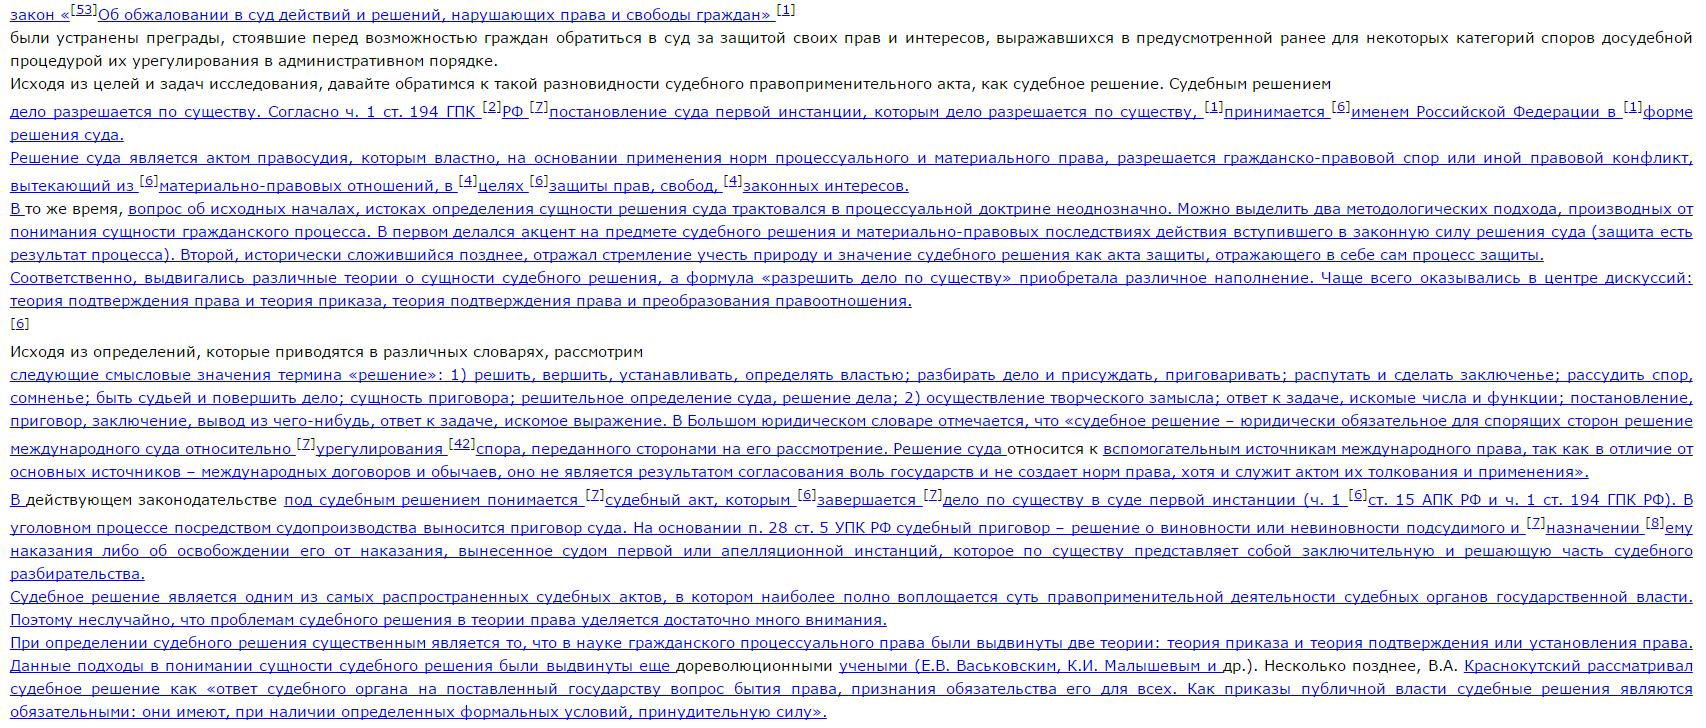 ru Антиплагиат экспресс Антиплагиат проверка онлайн Таким образом считаем что на данный момент система Антиплагиат позволяет решать основные задачи по проверке уникальности текста онлайн